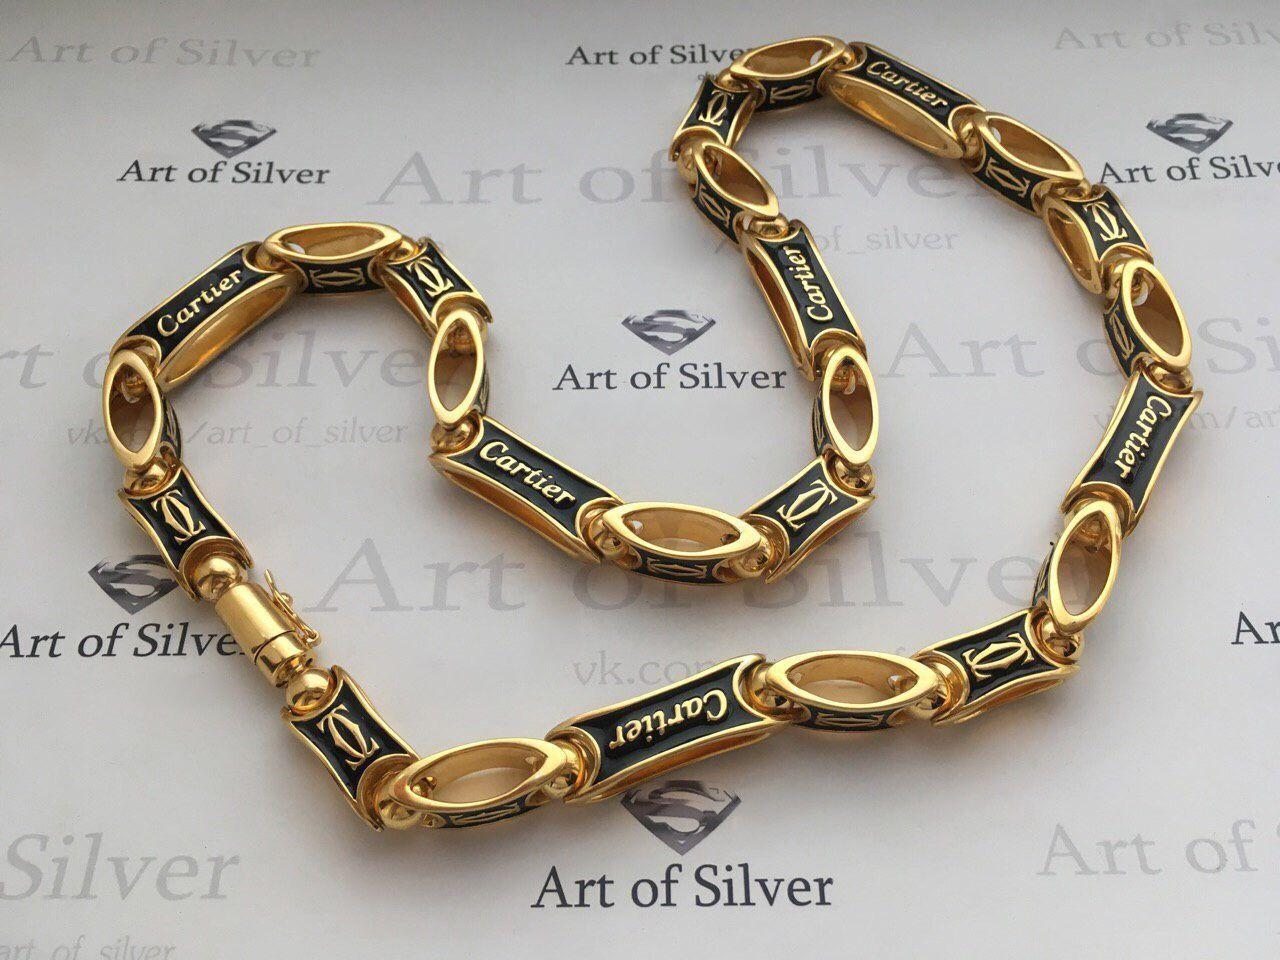 Мужская серебряная позолоченная цепочка Cartier ( картье). Серебро ... 4f0d42eecc5f5